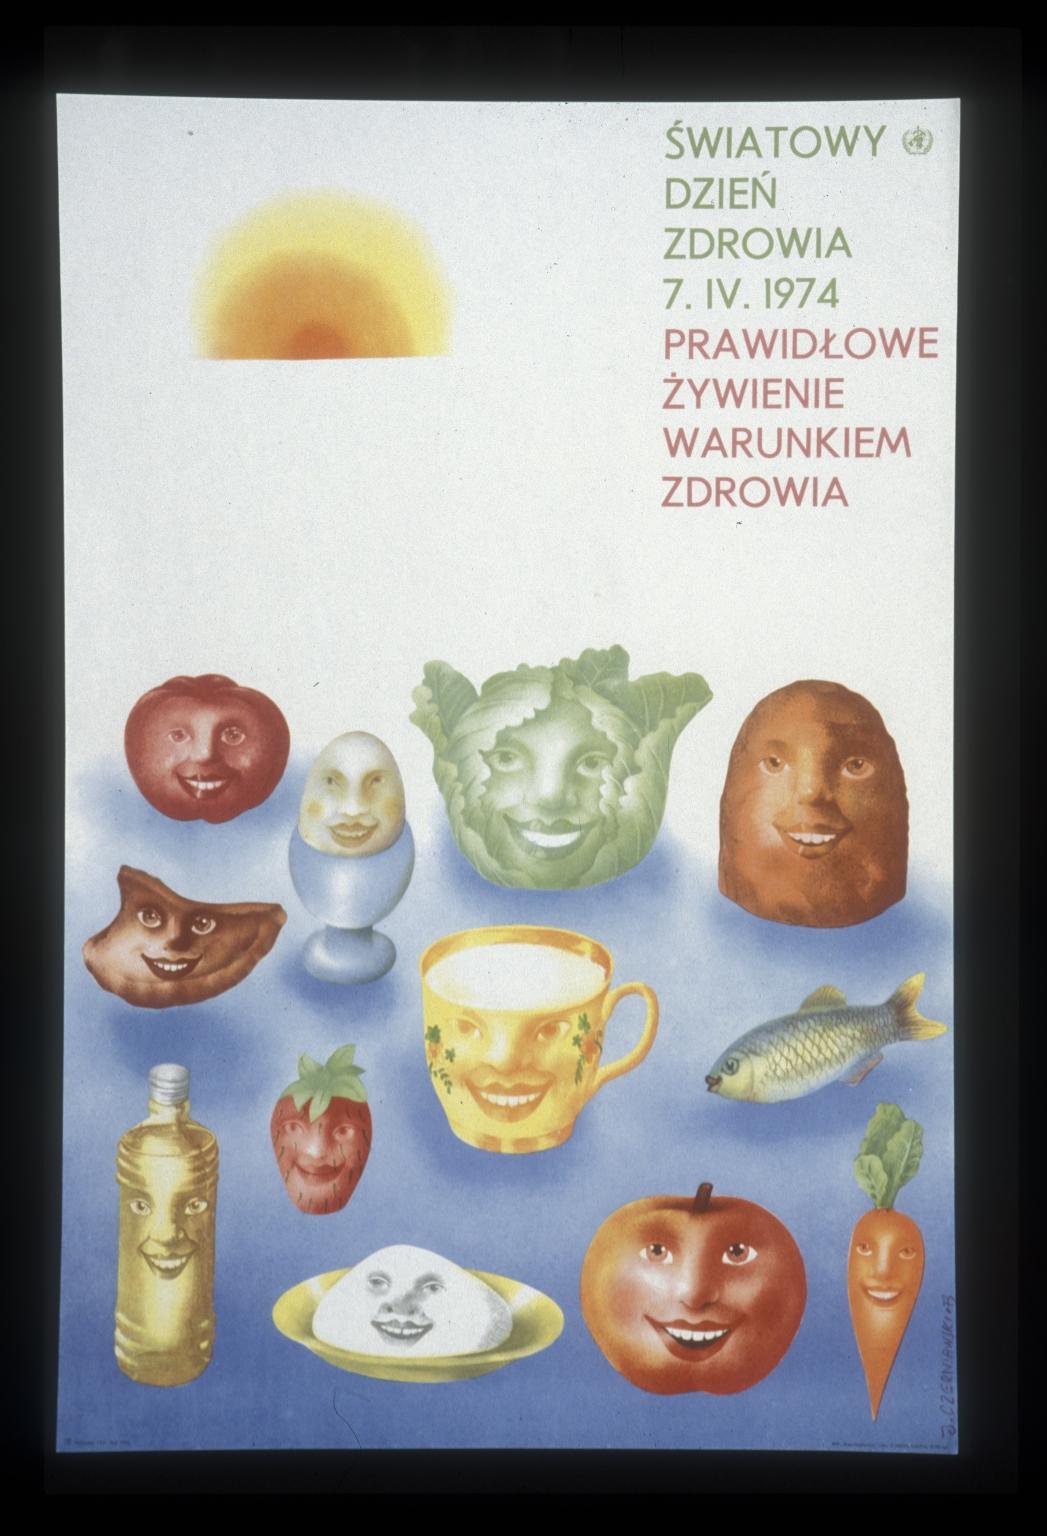 Swiatowy DzienZdrowia, 7IV1974: prawidlowe zywienie warunkiem zdrowia